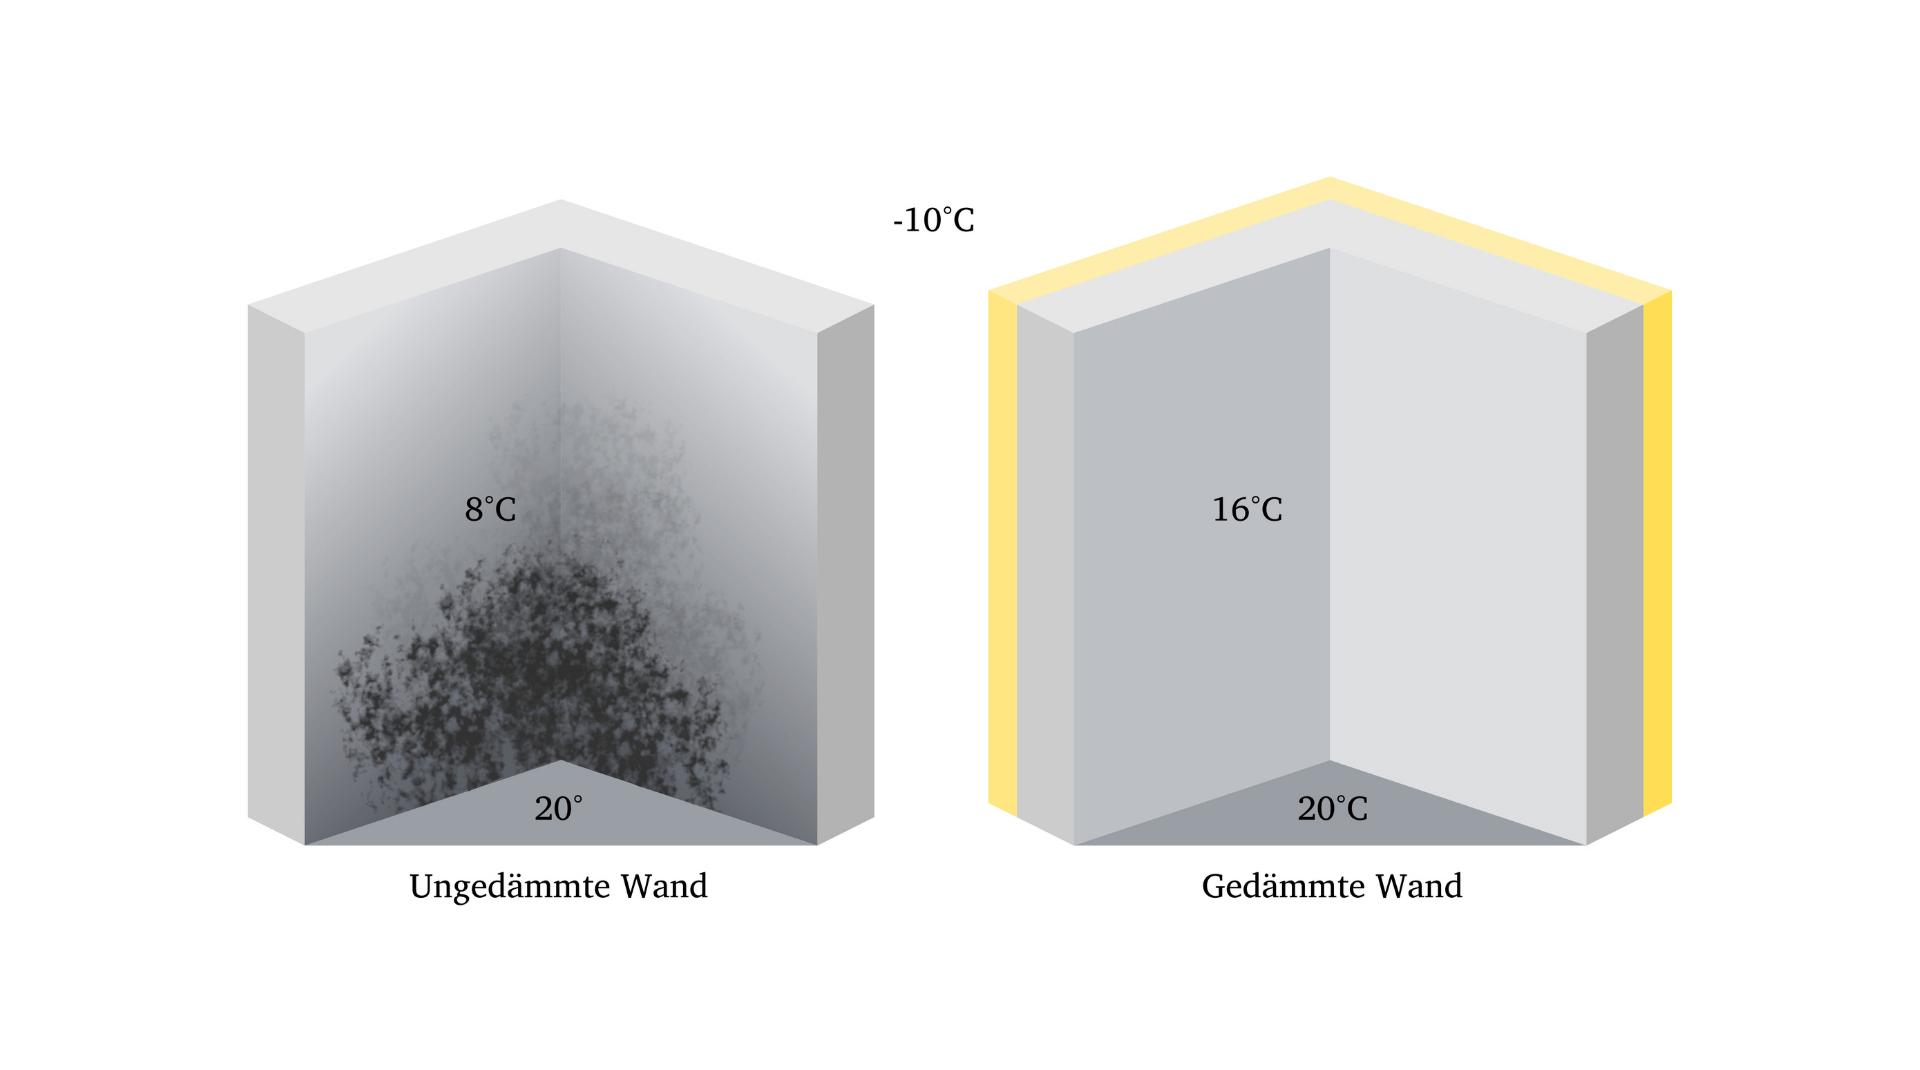 Schema: Vergleich gedämmte und undgedämmte Wand